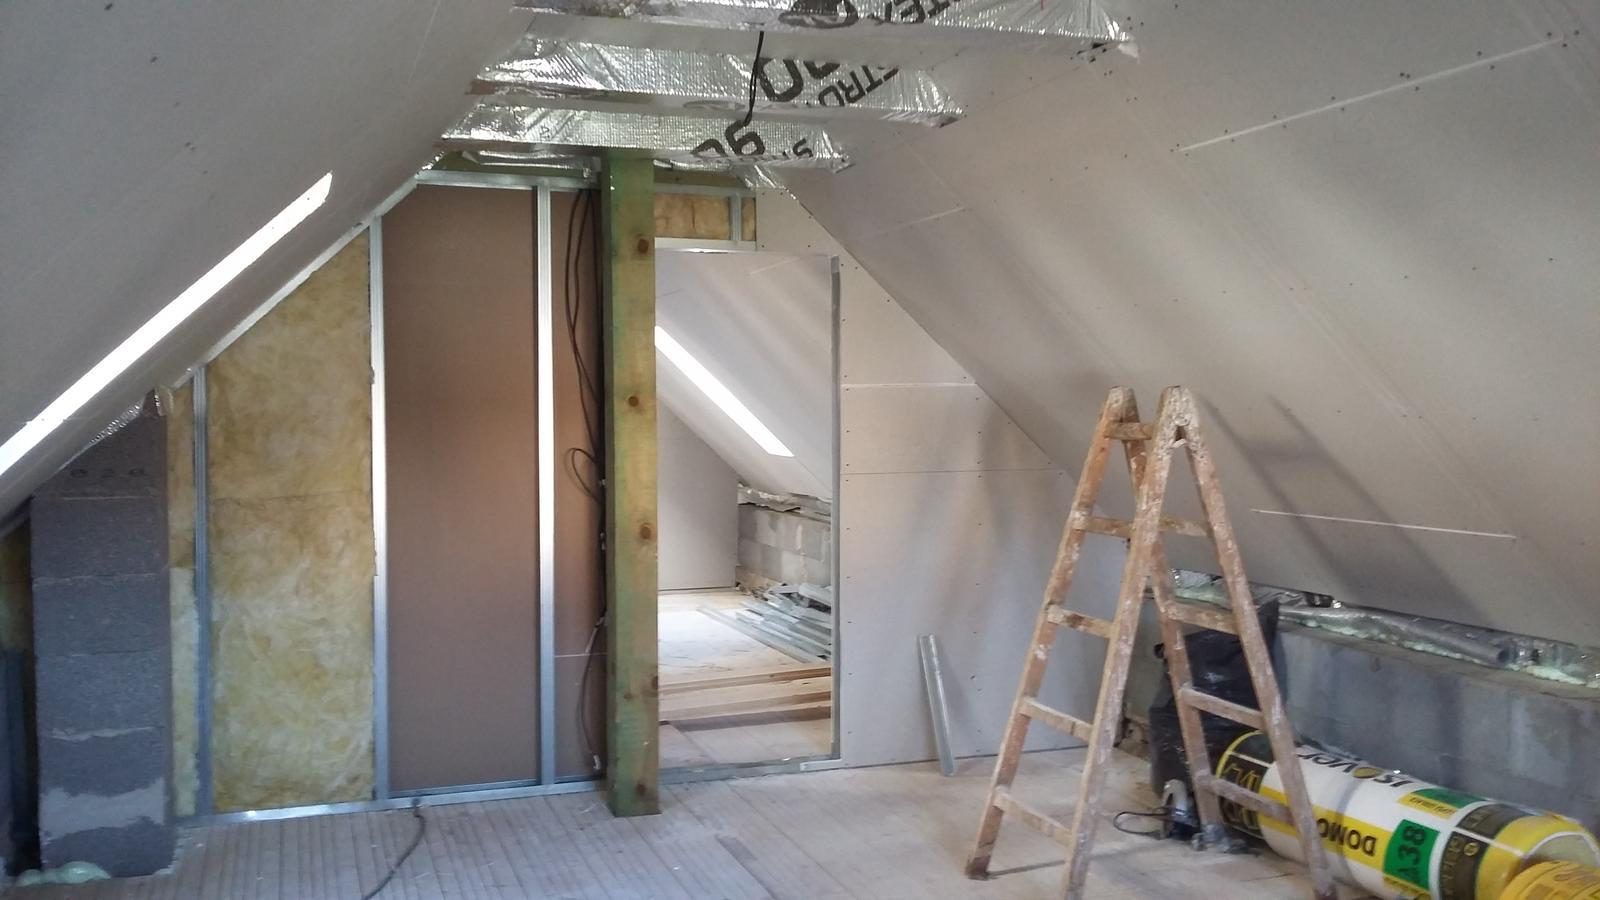 Rekonstrukcia podkrovia - Obrázok č. 15